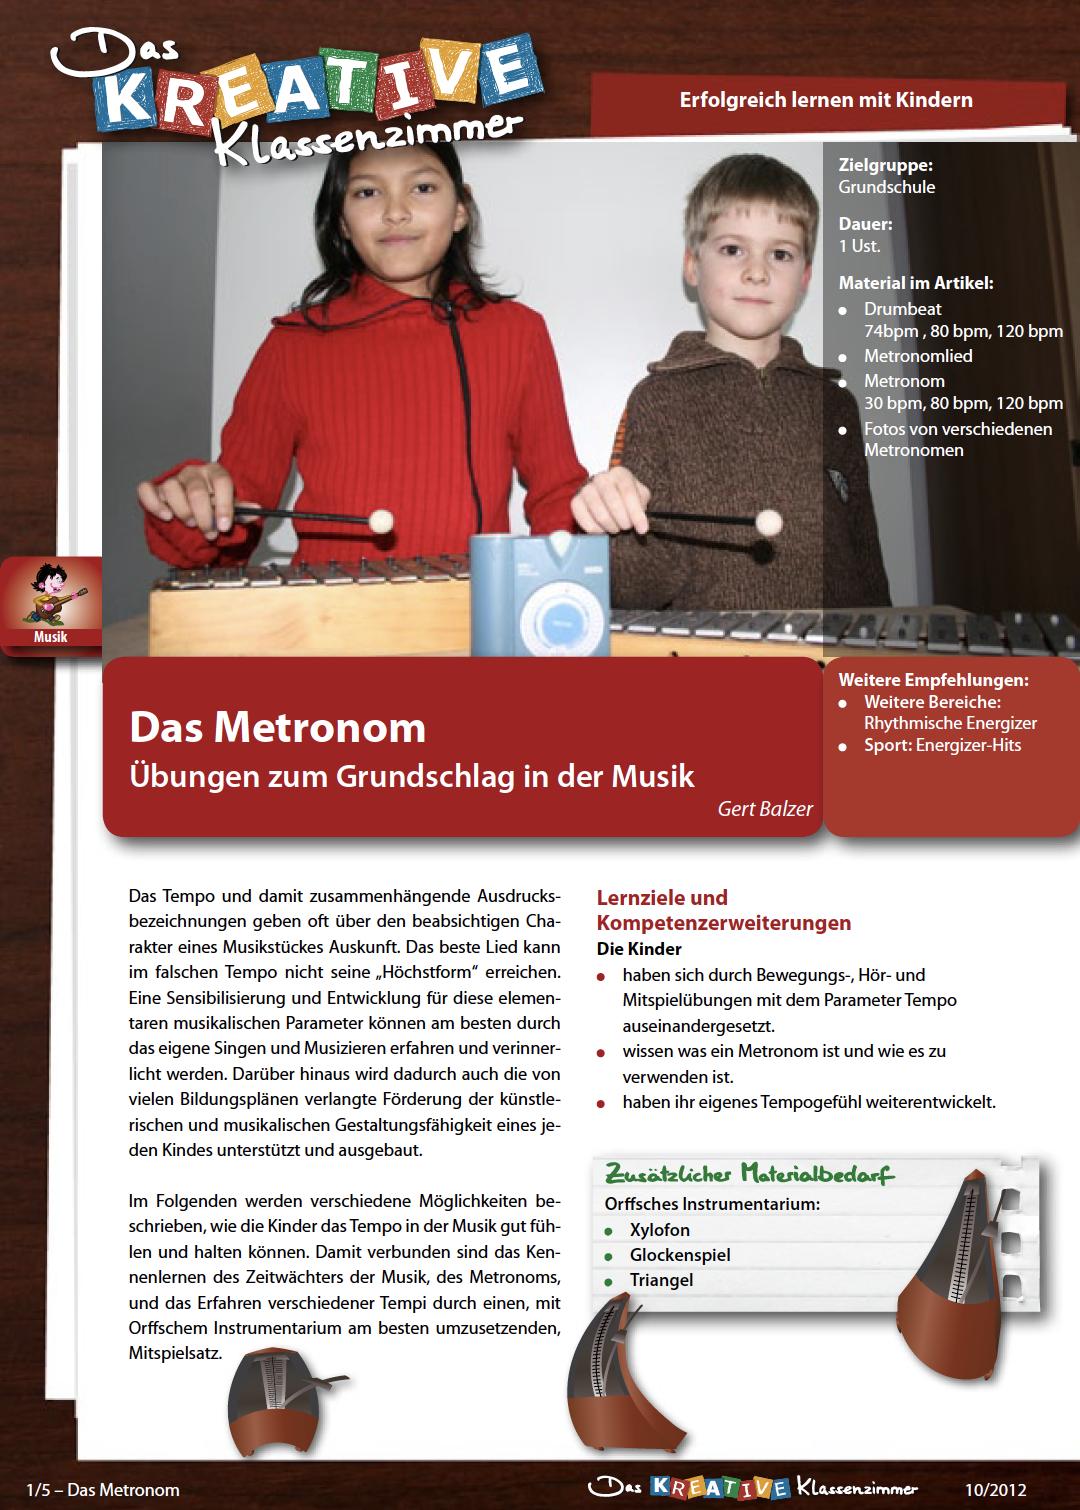 Das Metronom - Übungen zum Grundschlag